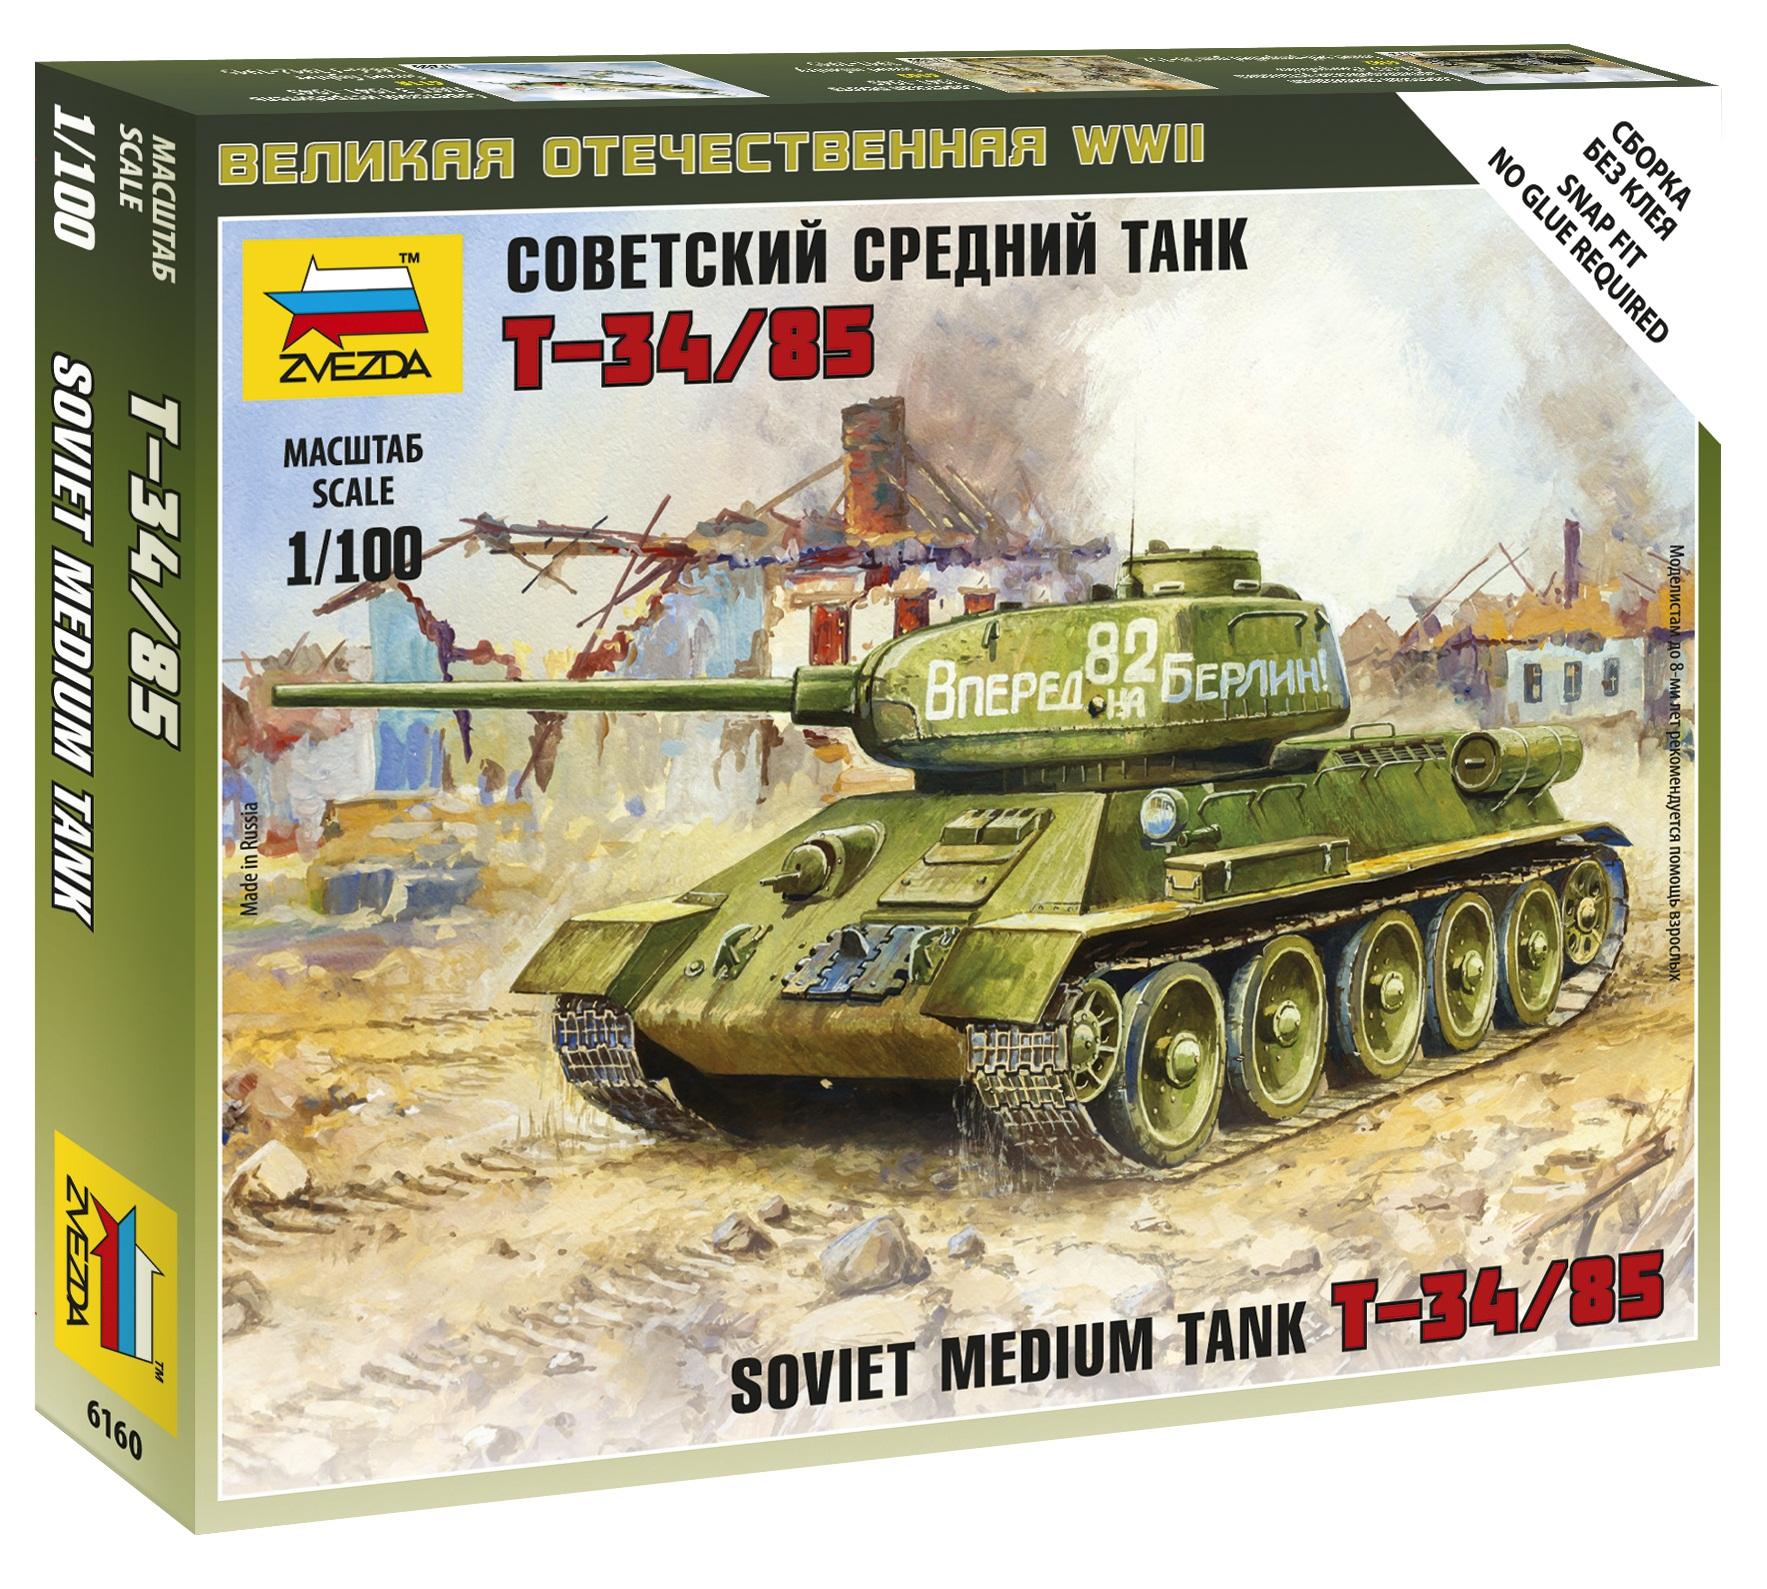 Купить Модель сборная - Советский средний танк Т-34, ZVEZDA